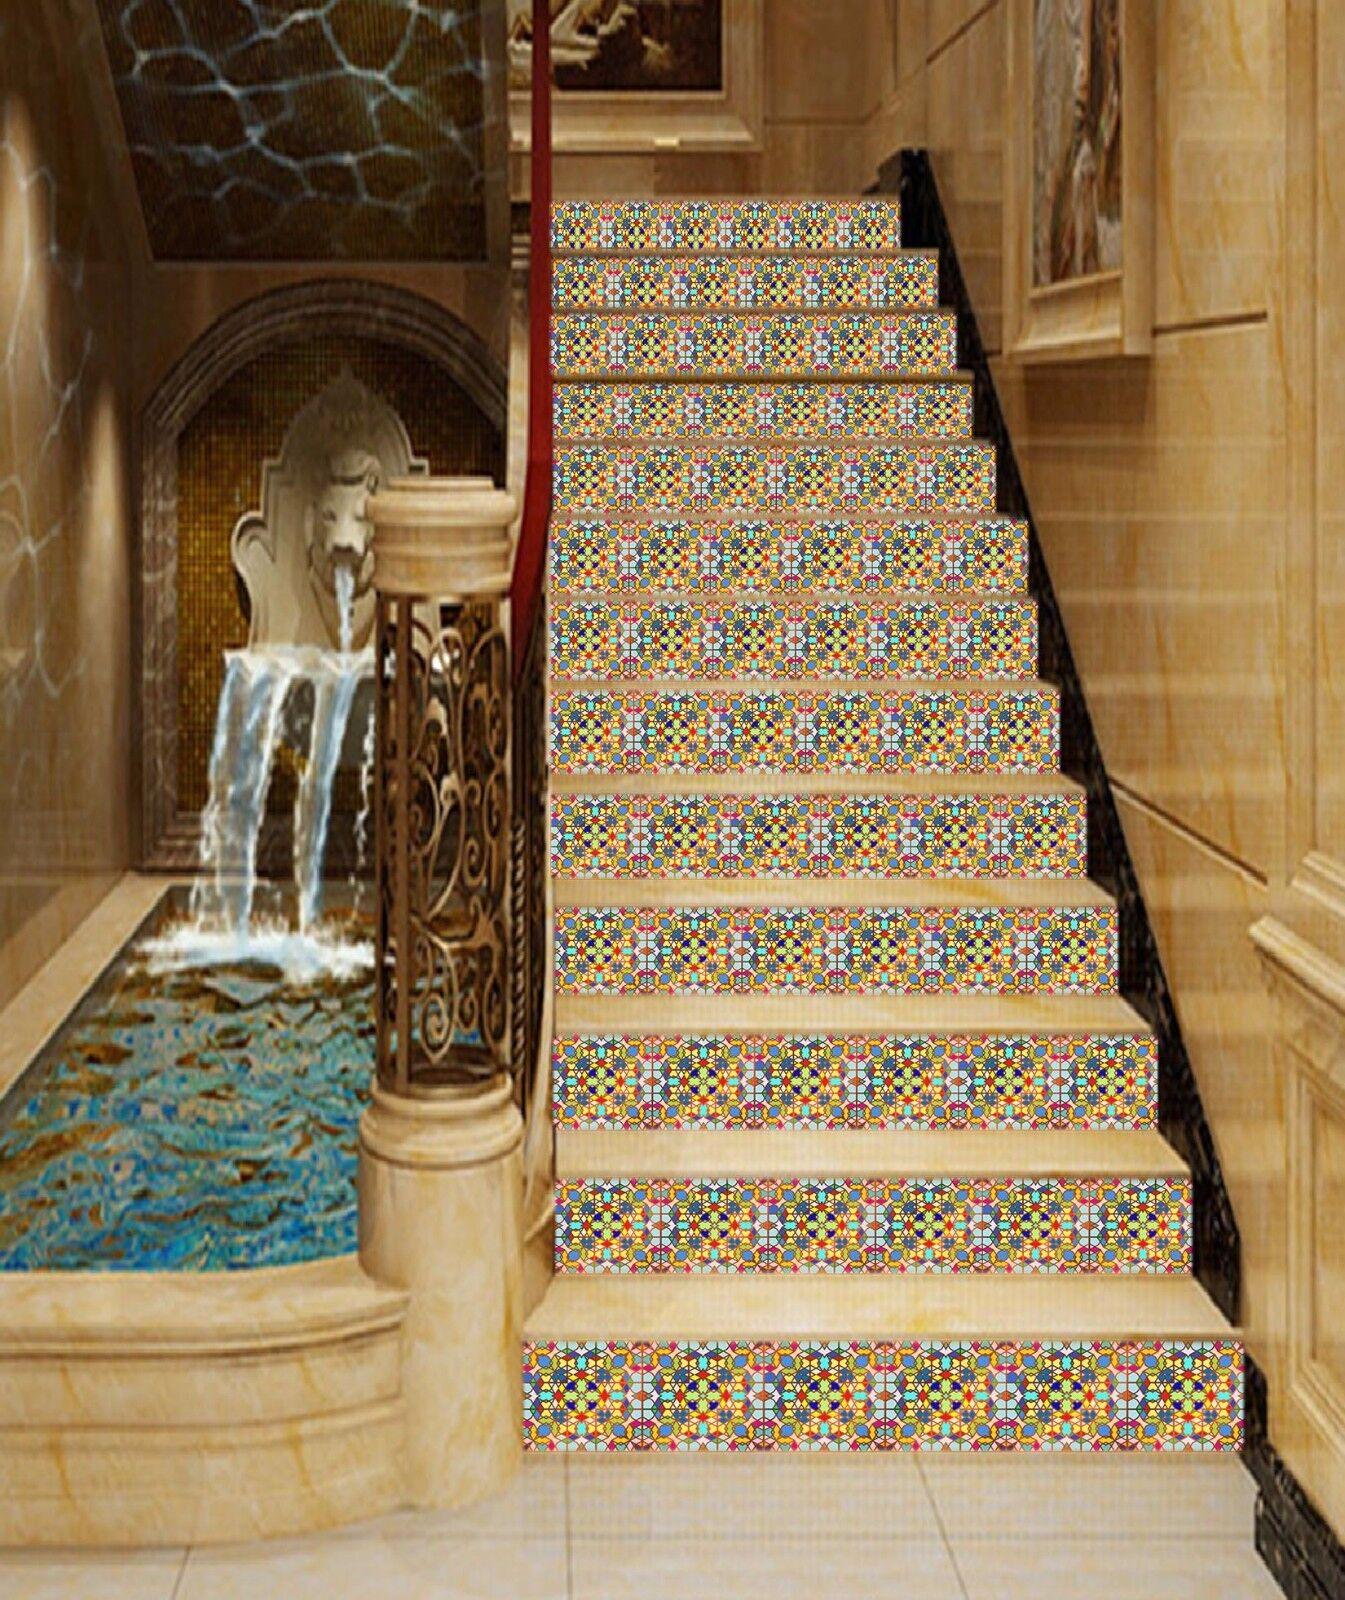 3D Marble 523 Stair Riser Decoration Photo Mural Vinyl Decal Wallpaper UK Lemon